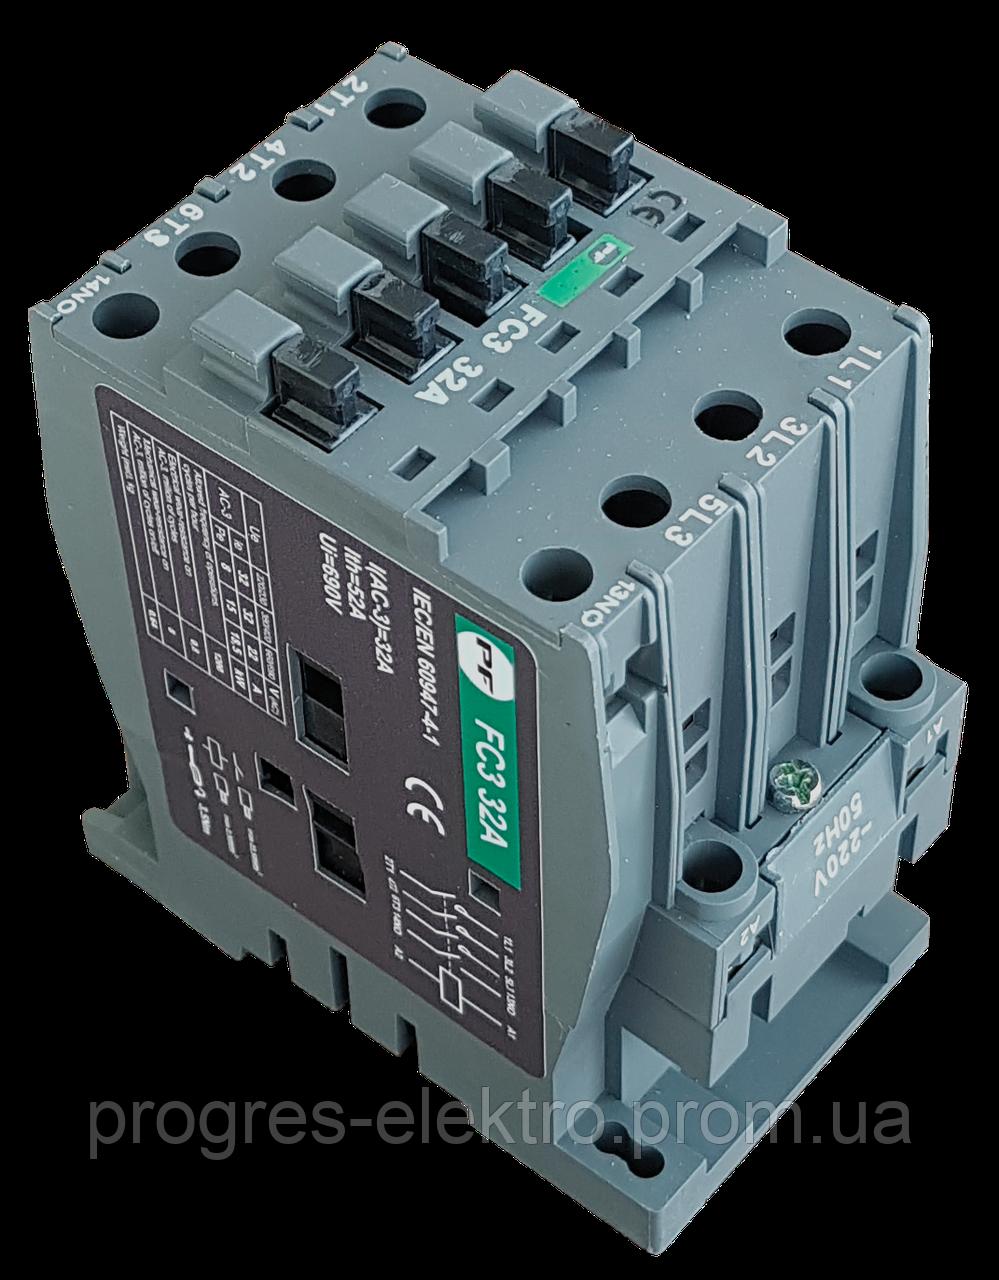 ПММ-3/32 Магнитный пускатель 32А FC3 Promfactor